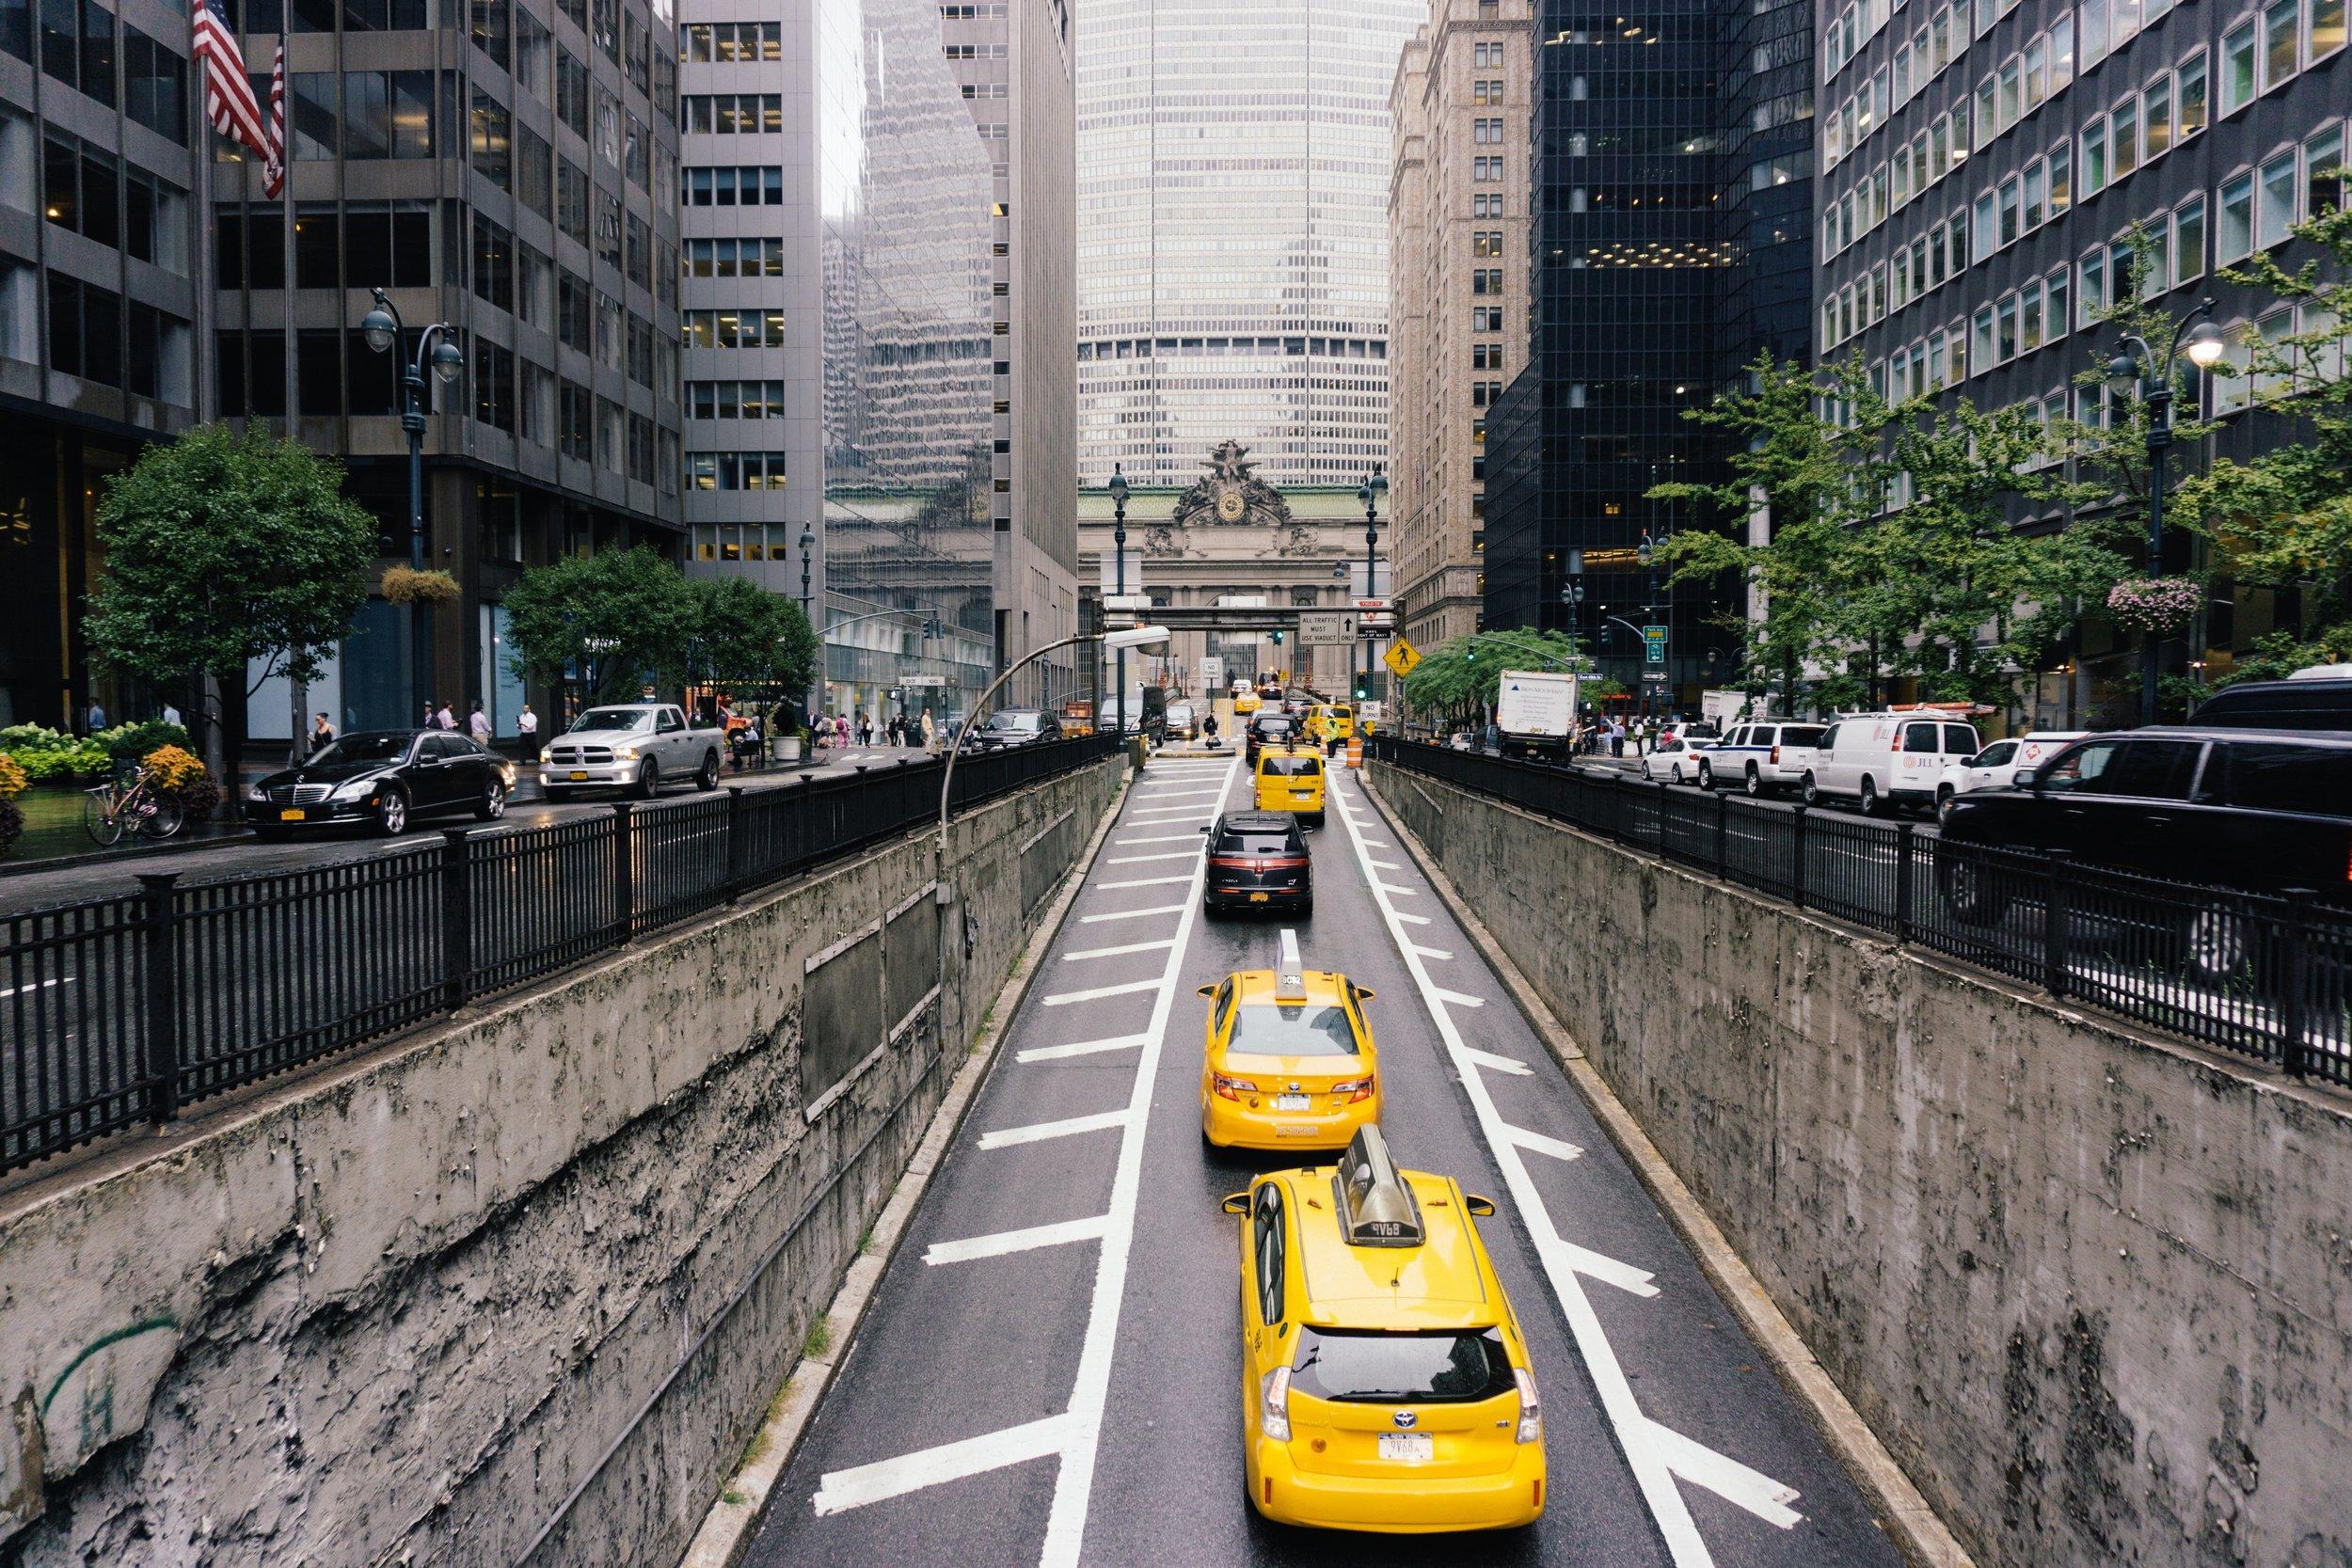 Midtown_East.jpg